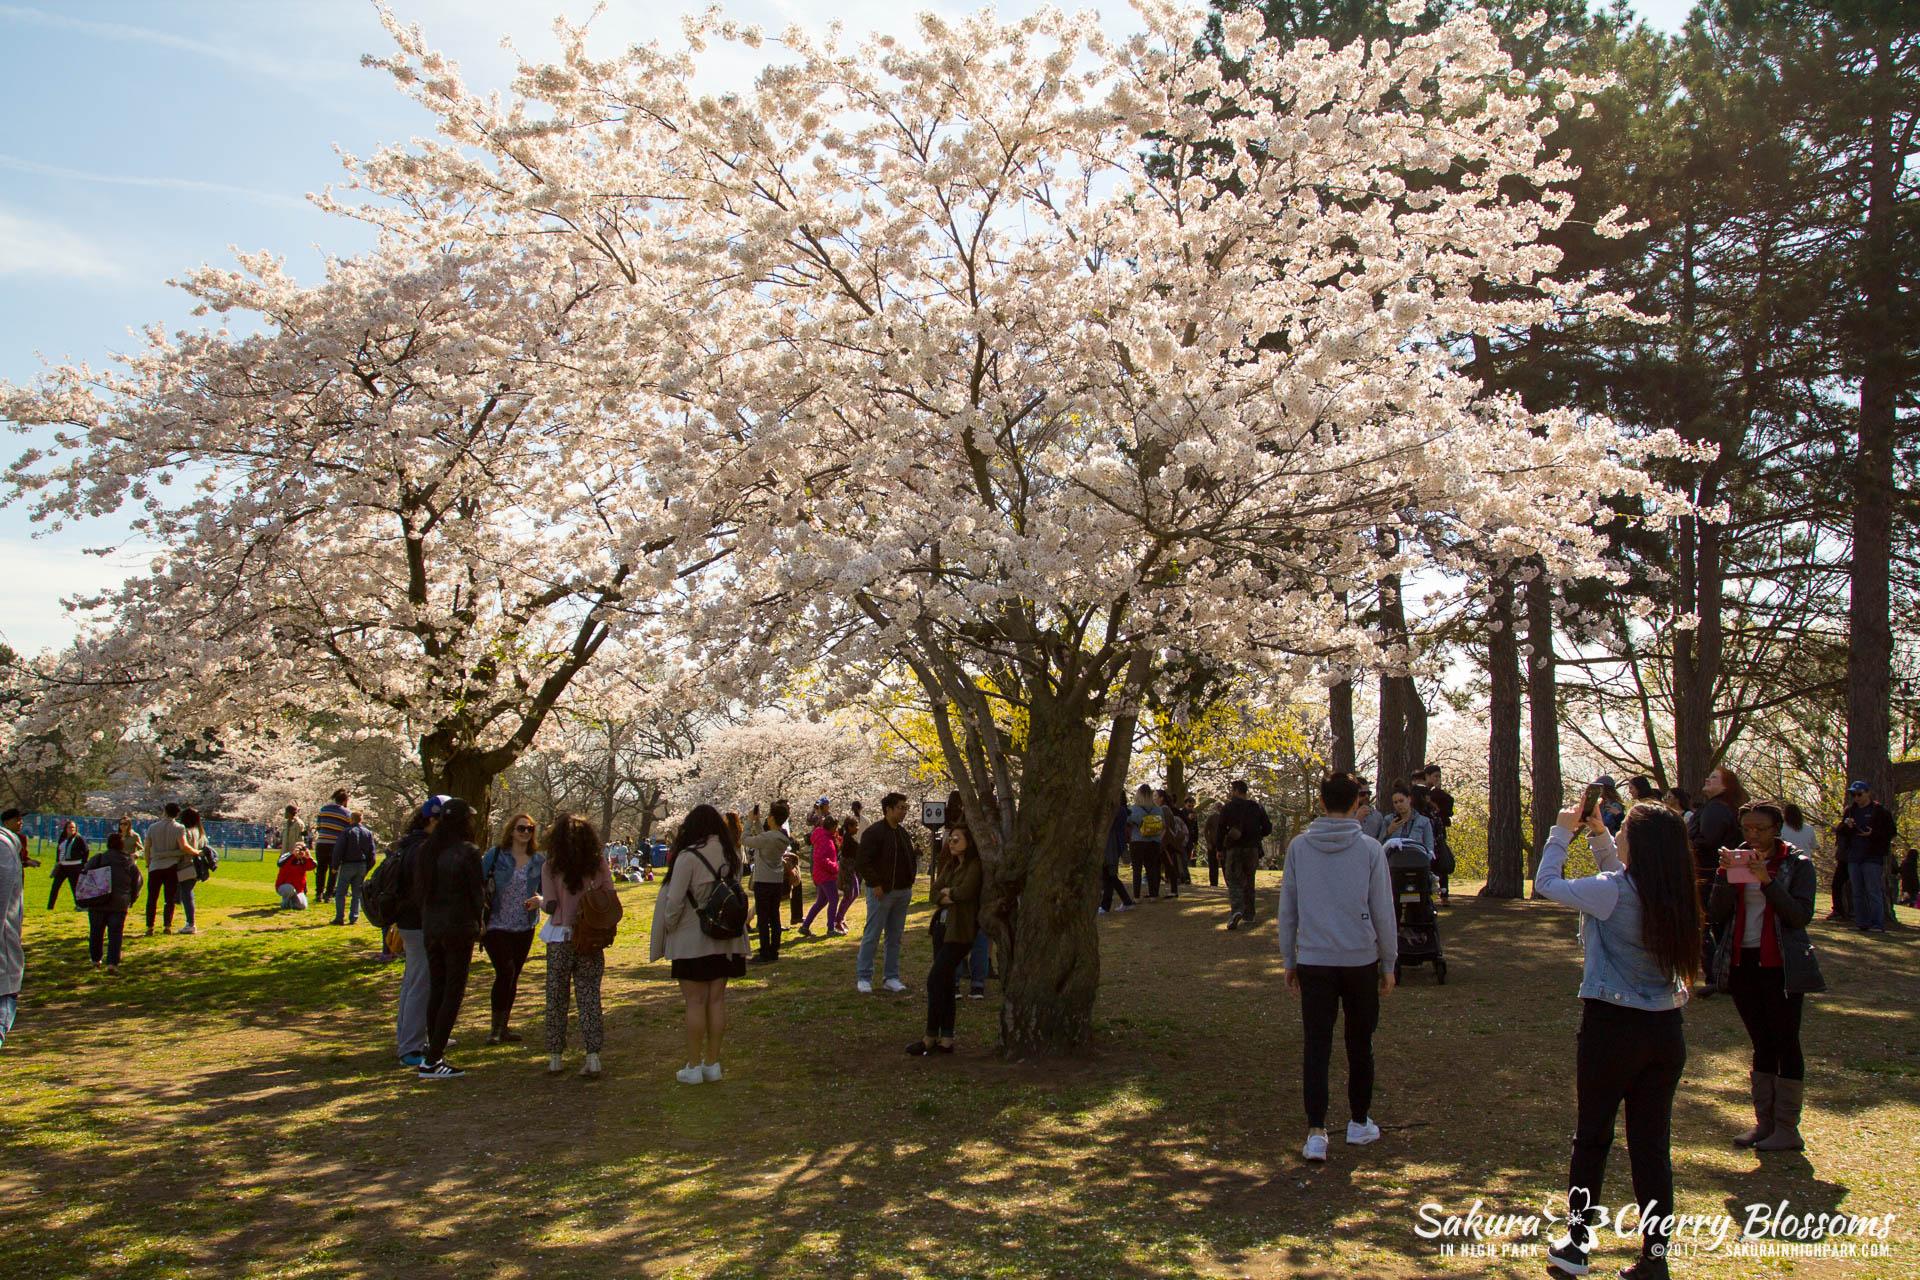 Sakura-Watch-April-28-2017-full-bloom-throughout-High-Park-5606.jpg